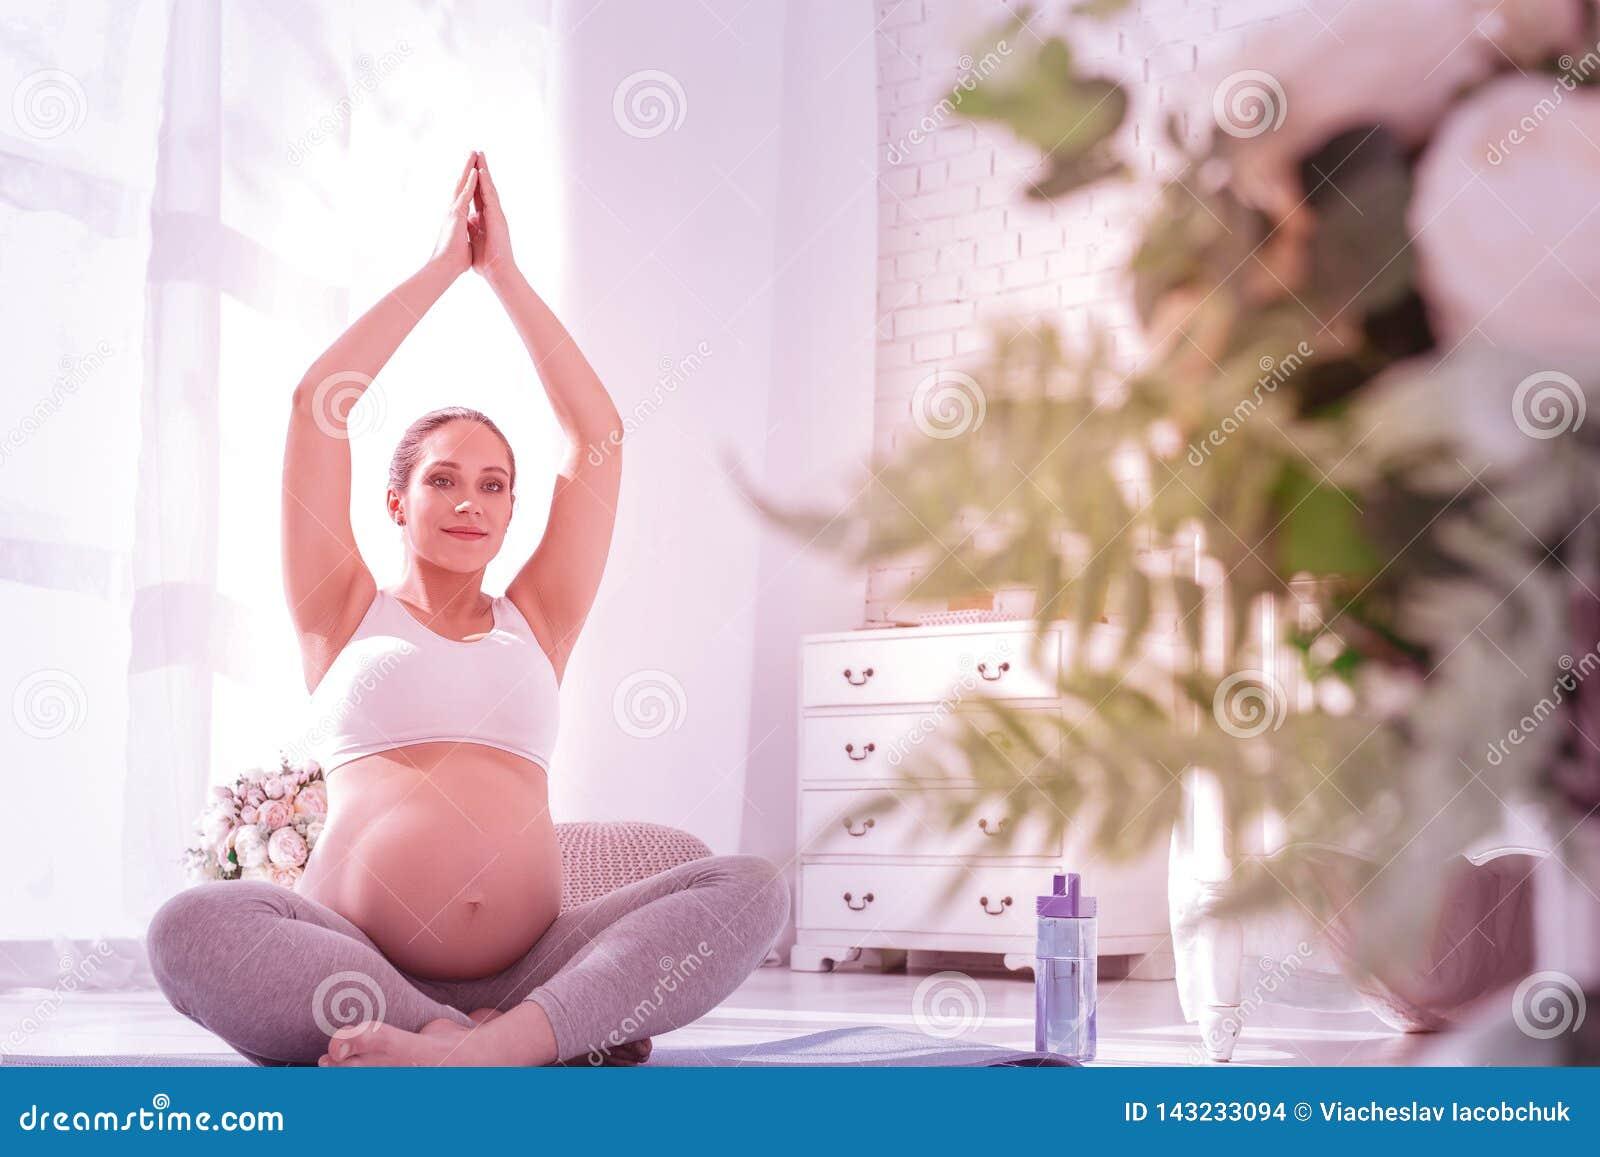 Młoda promieniejąca długowłosa kobieta w ciąży patrzeje pokojowy w białej koszulce